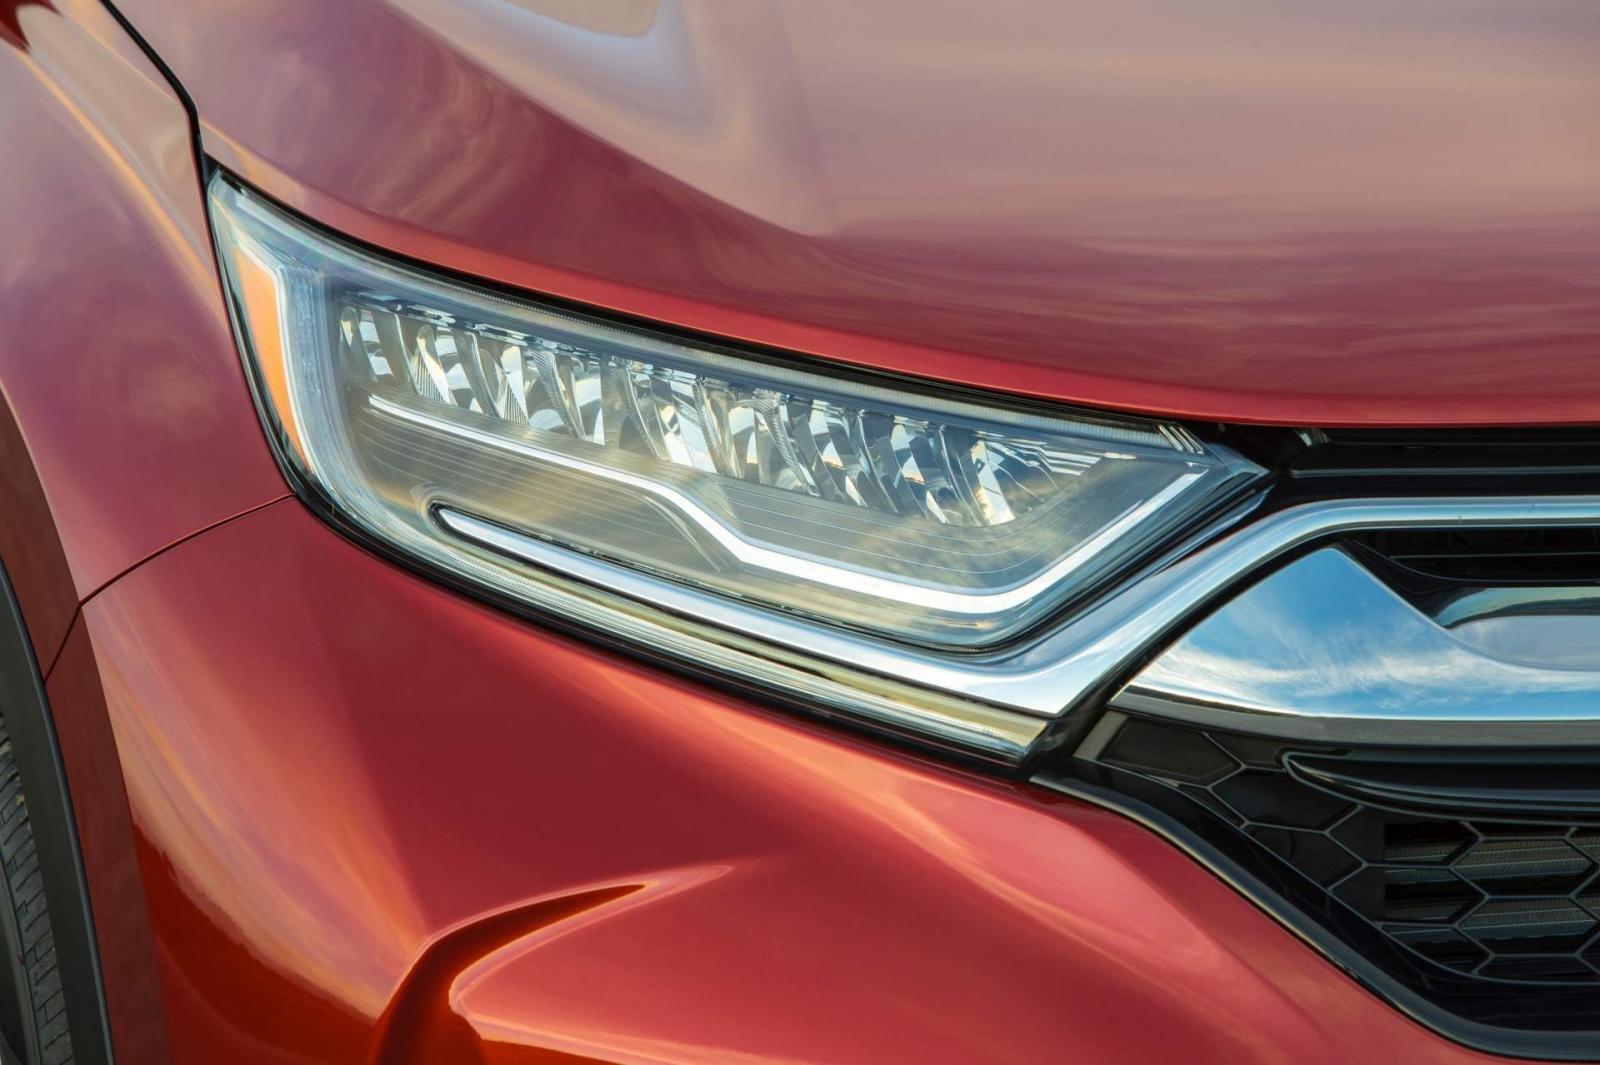 So sanh xe Mazda CX-5 2019 va Honda CR-V 2019 Cong nghe dau thuc dung